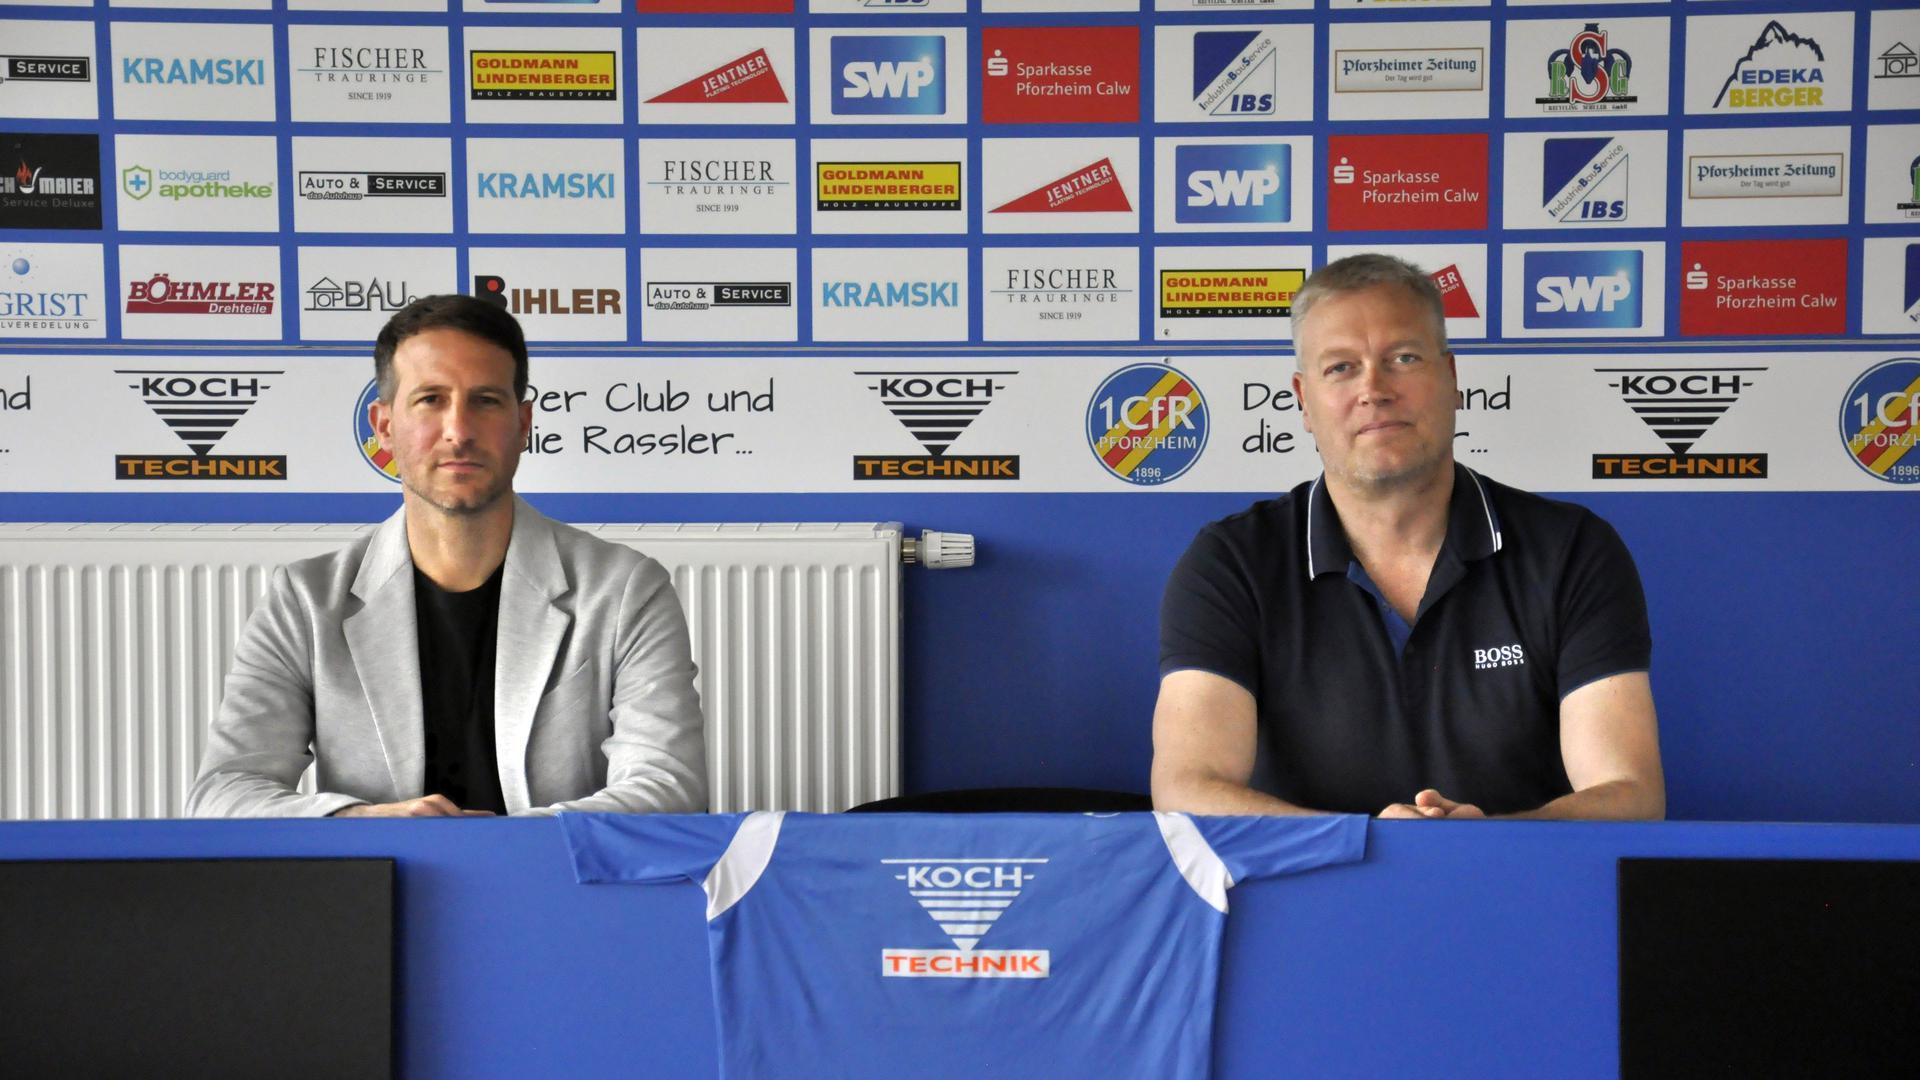 Fiebern der neuen Runde entgegen: Giuseppe Ricciardi (links) und Torsten Heinemann haben den Kader des Fußball-Oberligisten 1. CfR Pforzheim noch einmal verstärkt.